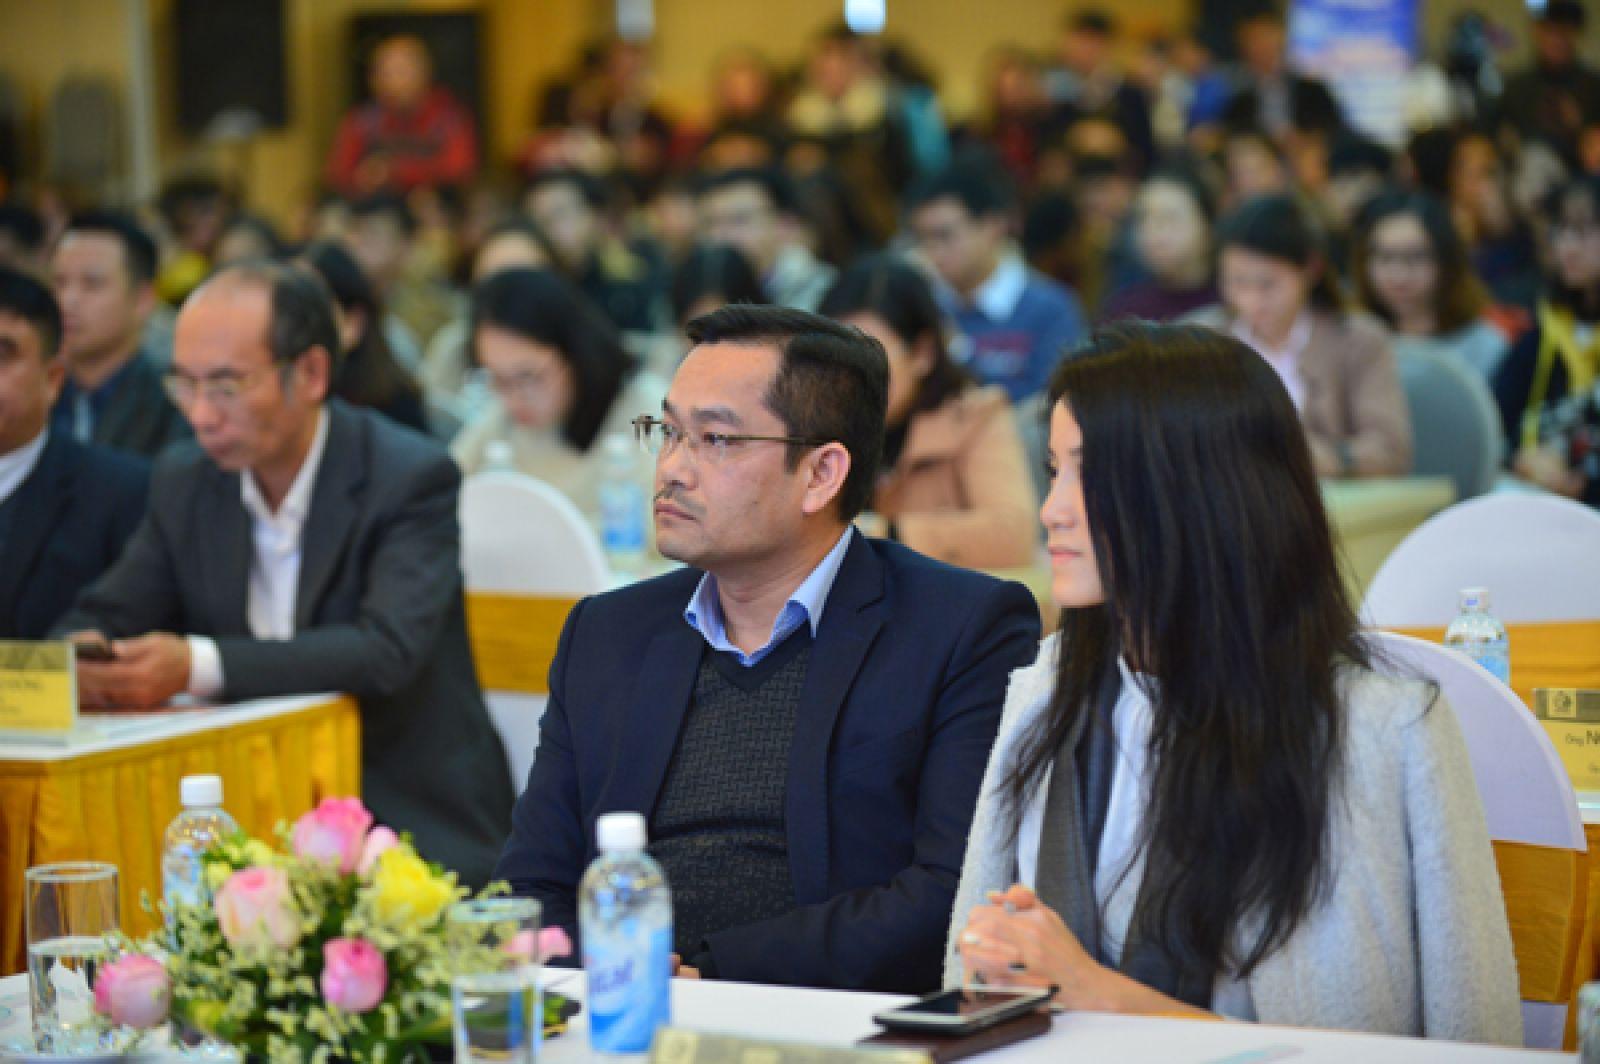 Các doanh nhân cũng mong muốn tìm kiếm và tham gia đầu tư các dự án